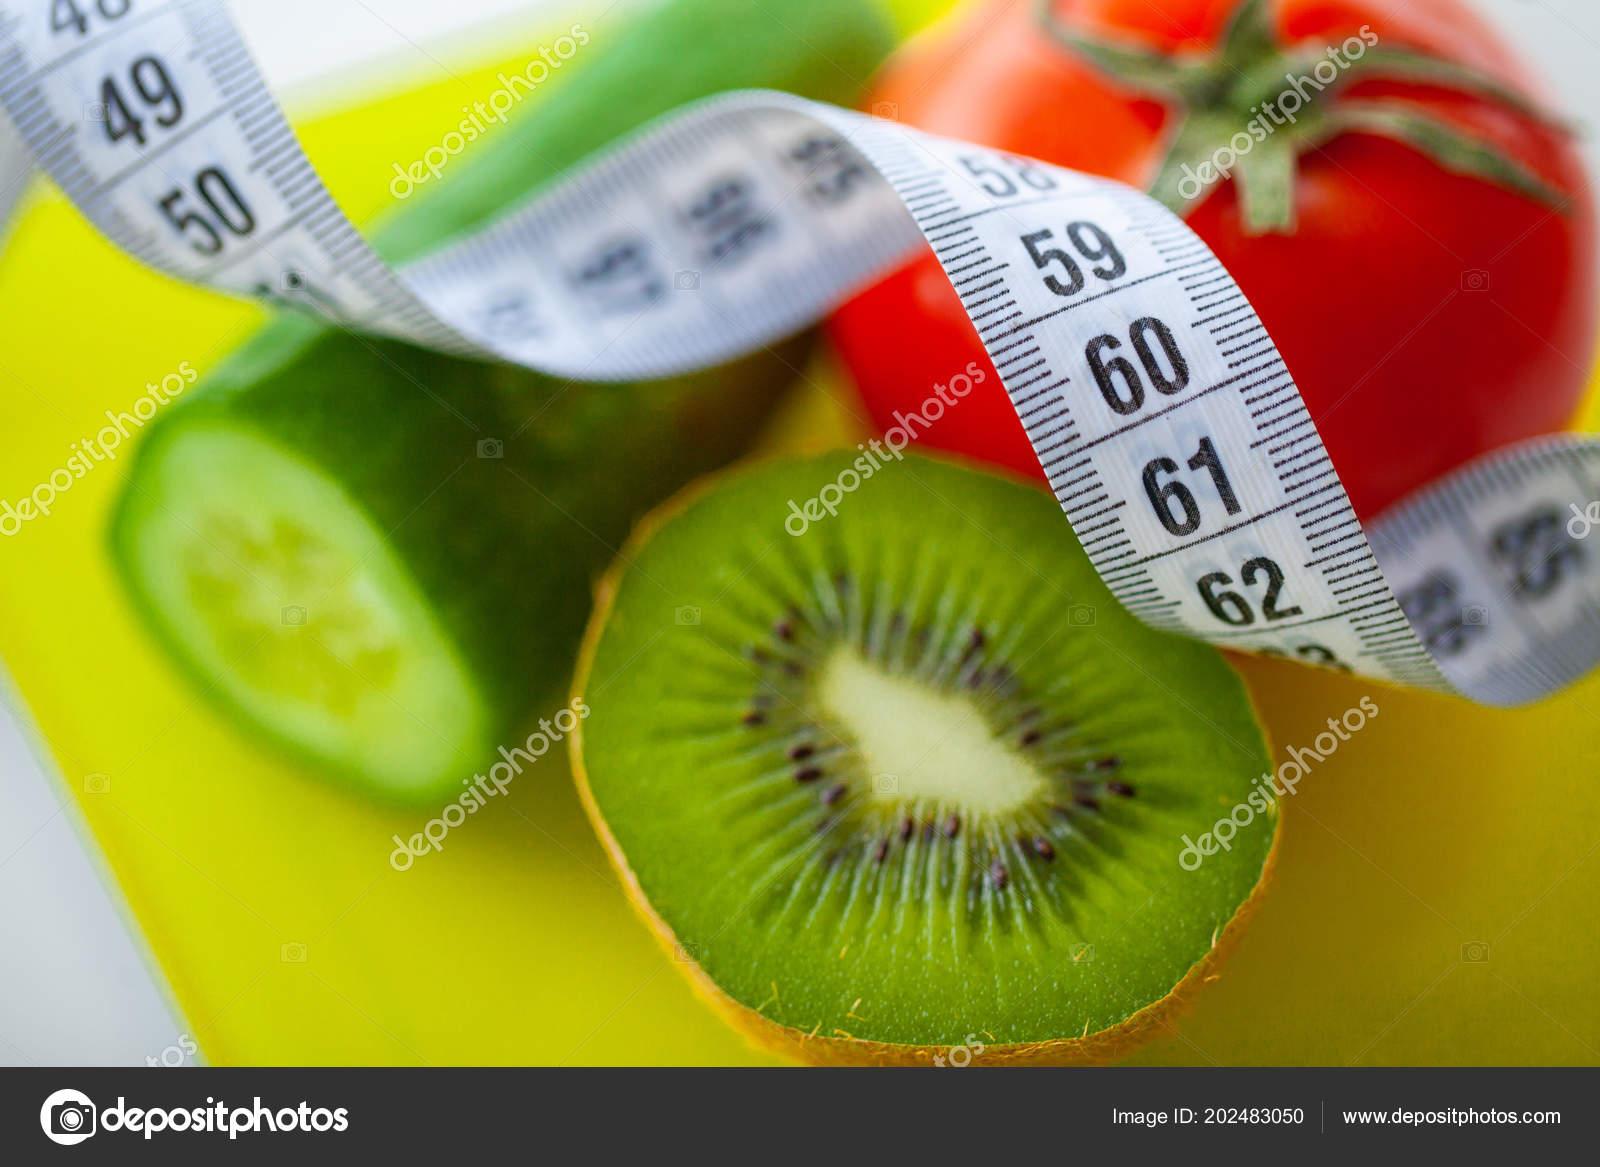 Diat Oder Gewicht Steuerungskonzept Obst Und Gemuse Mit Massband Auf